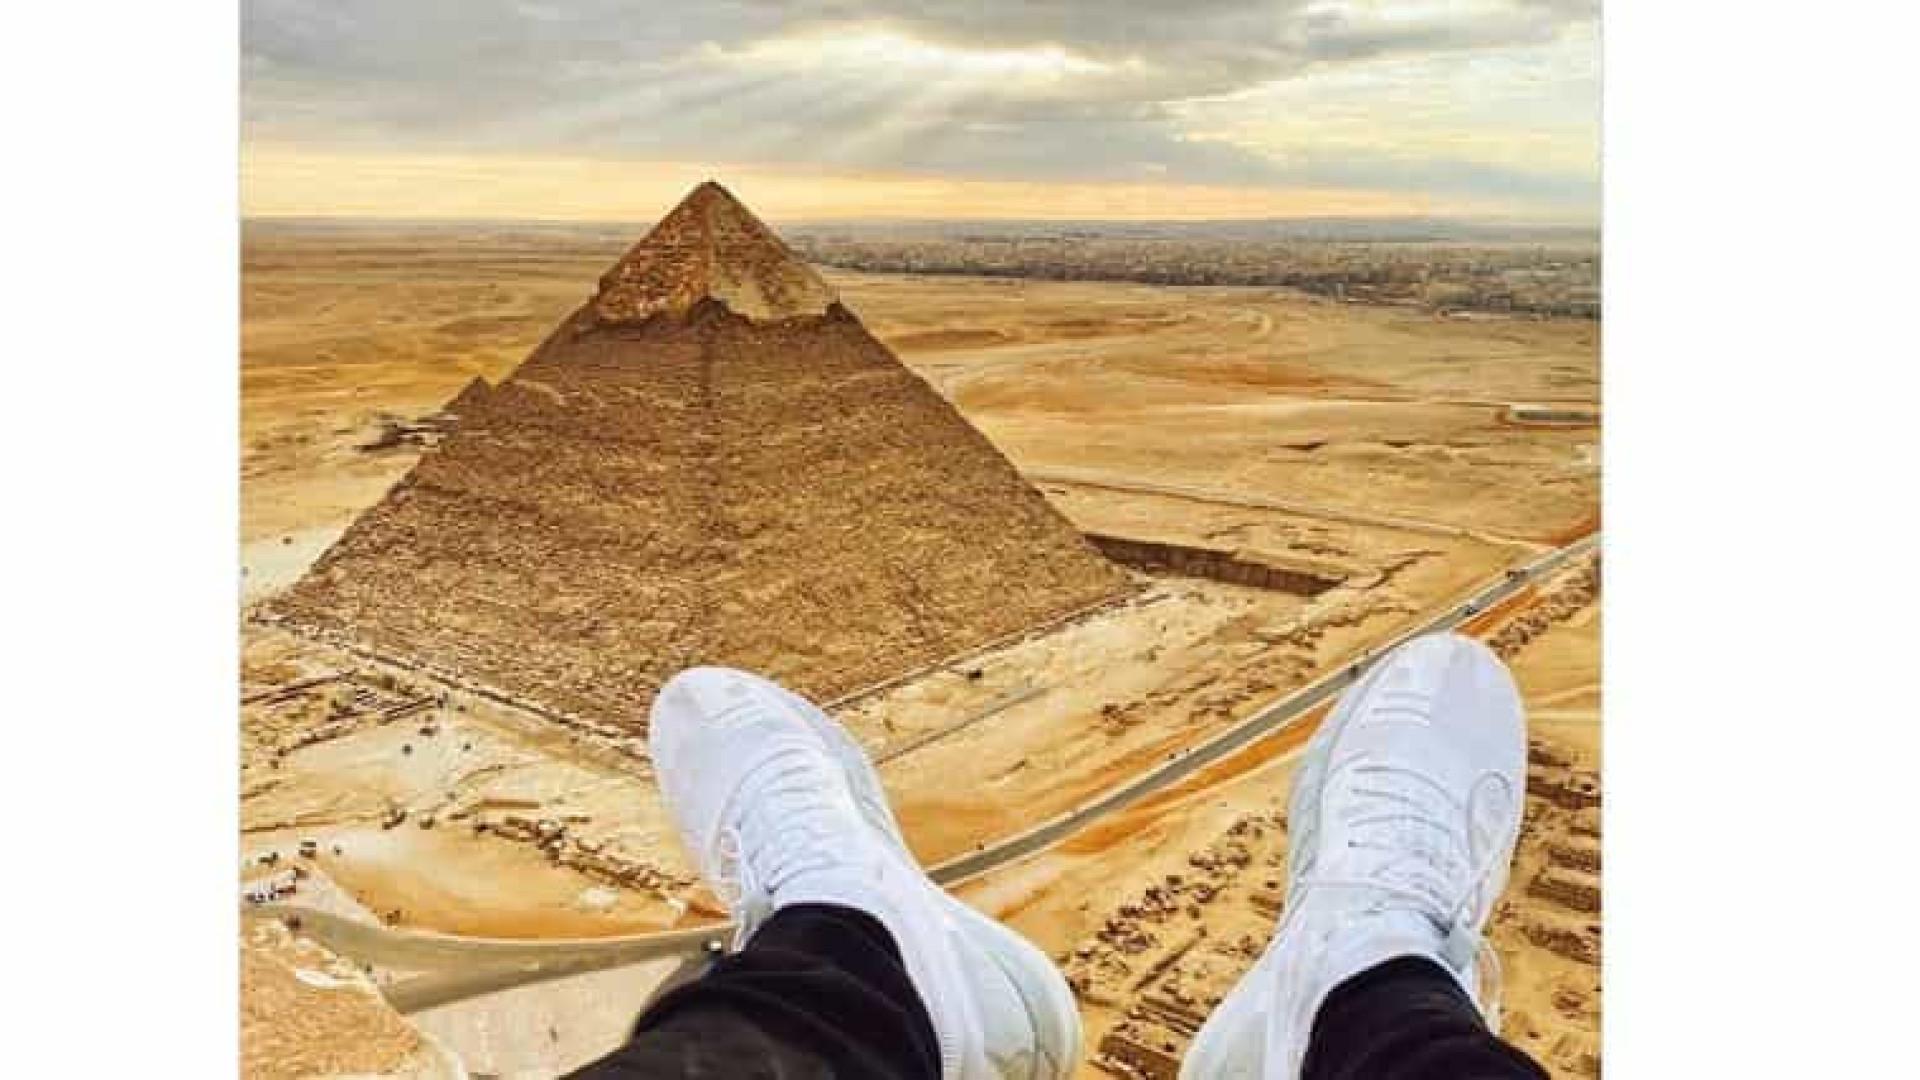 """Detido por escalar pirâmides no Egito. """"Não desejo a ninguém"""""""